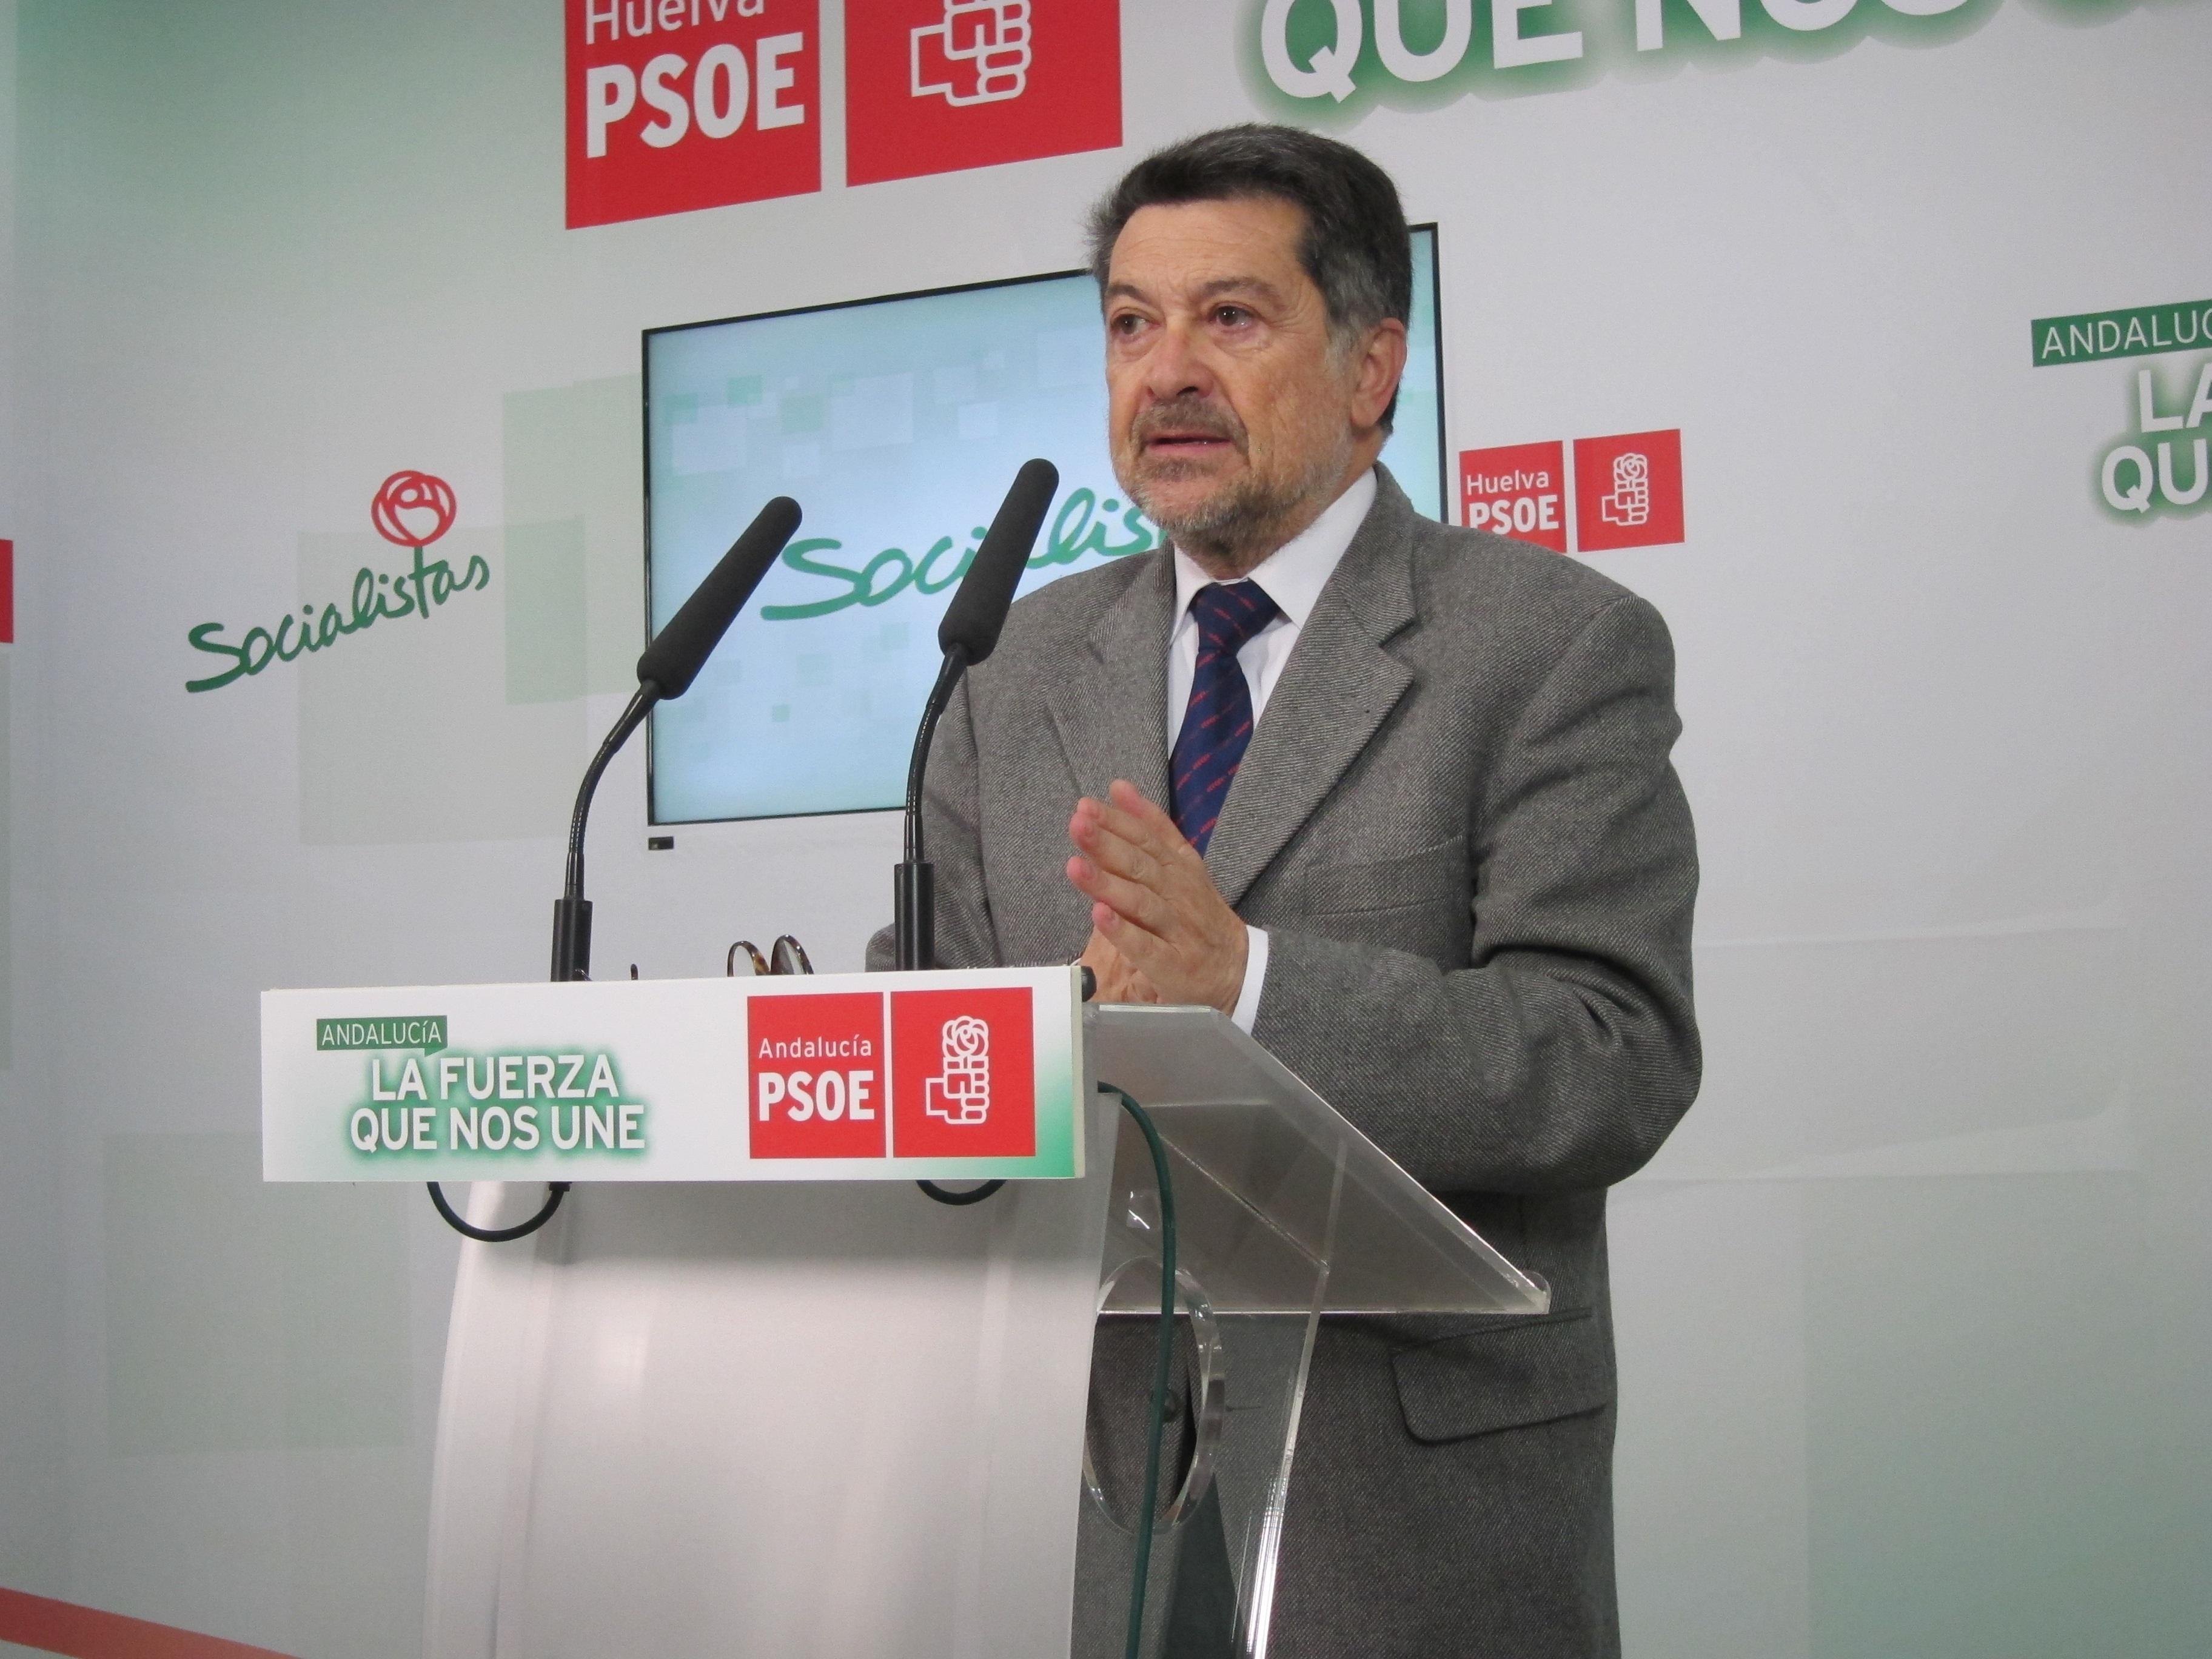 El PSOE advierte de que el recurso al TC de la ley puede conllevar «500 desahucios» en 2014